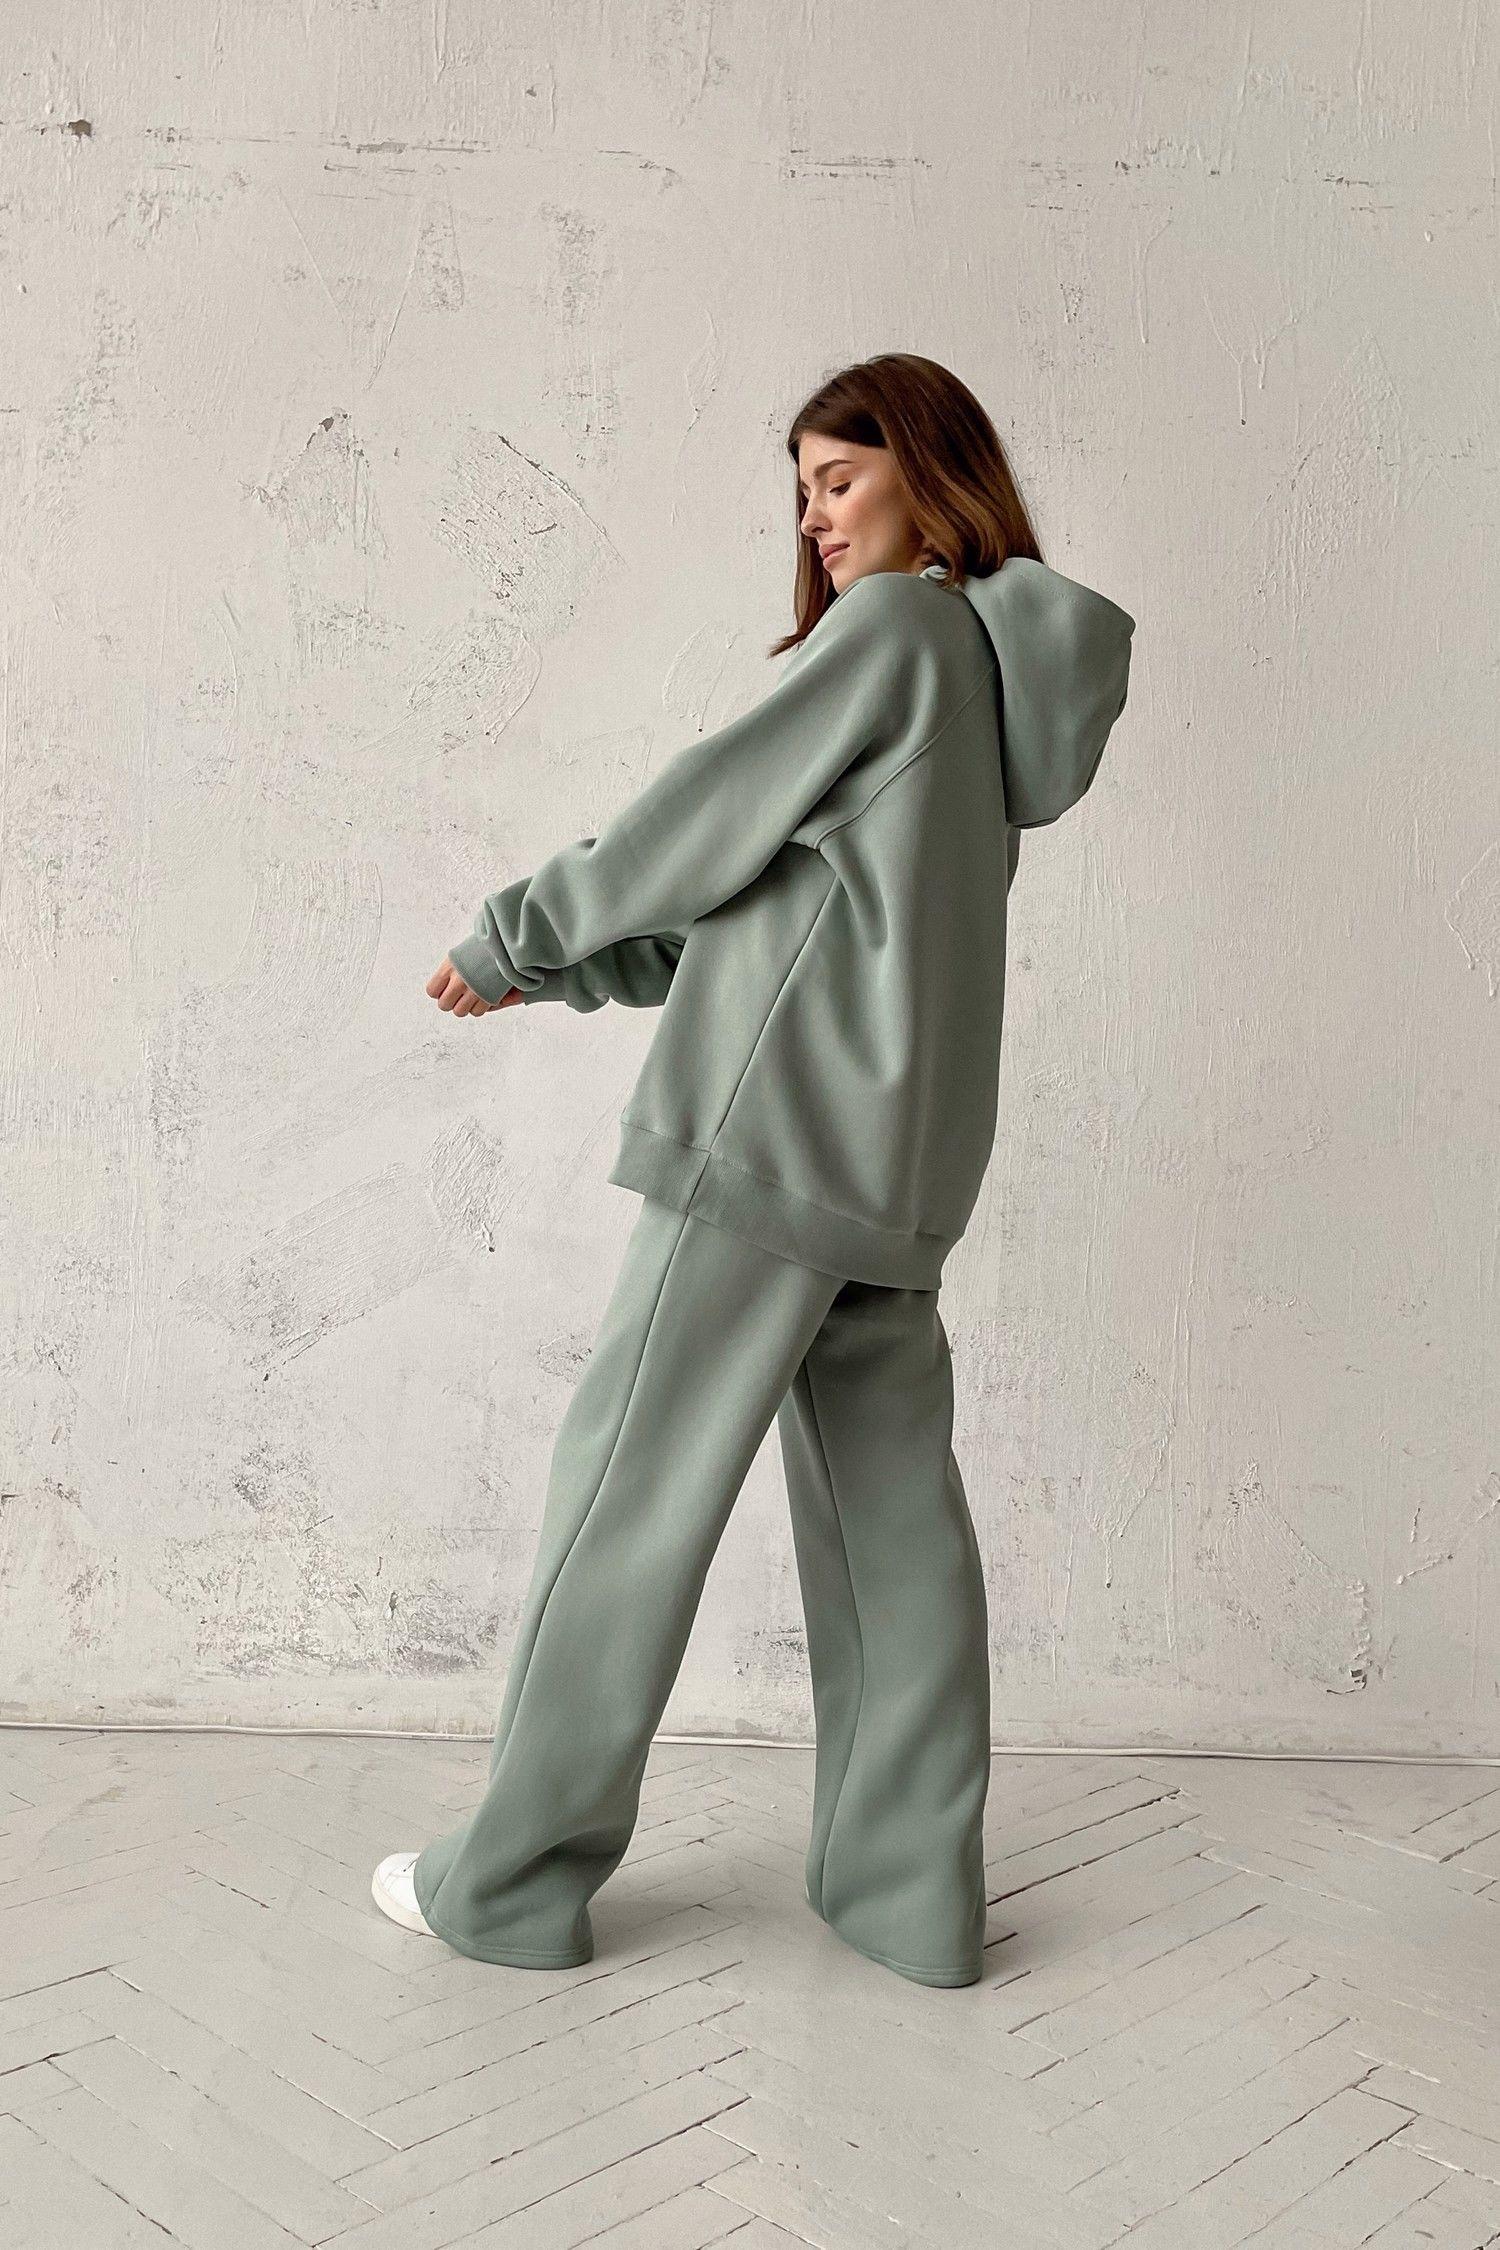 Костюм с брюками прямого кроя и худи mint - THE LACE